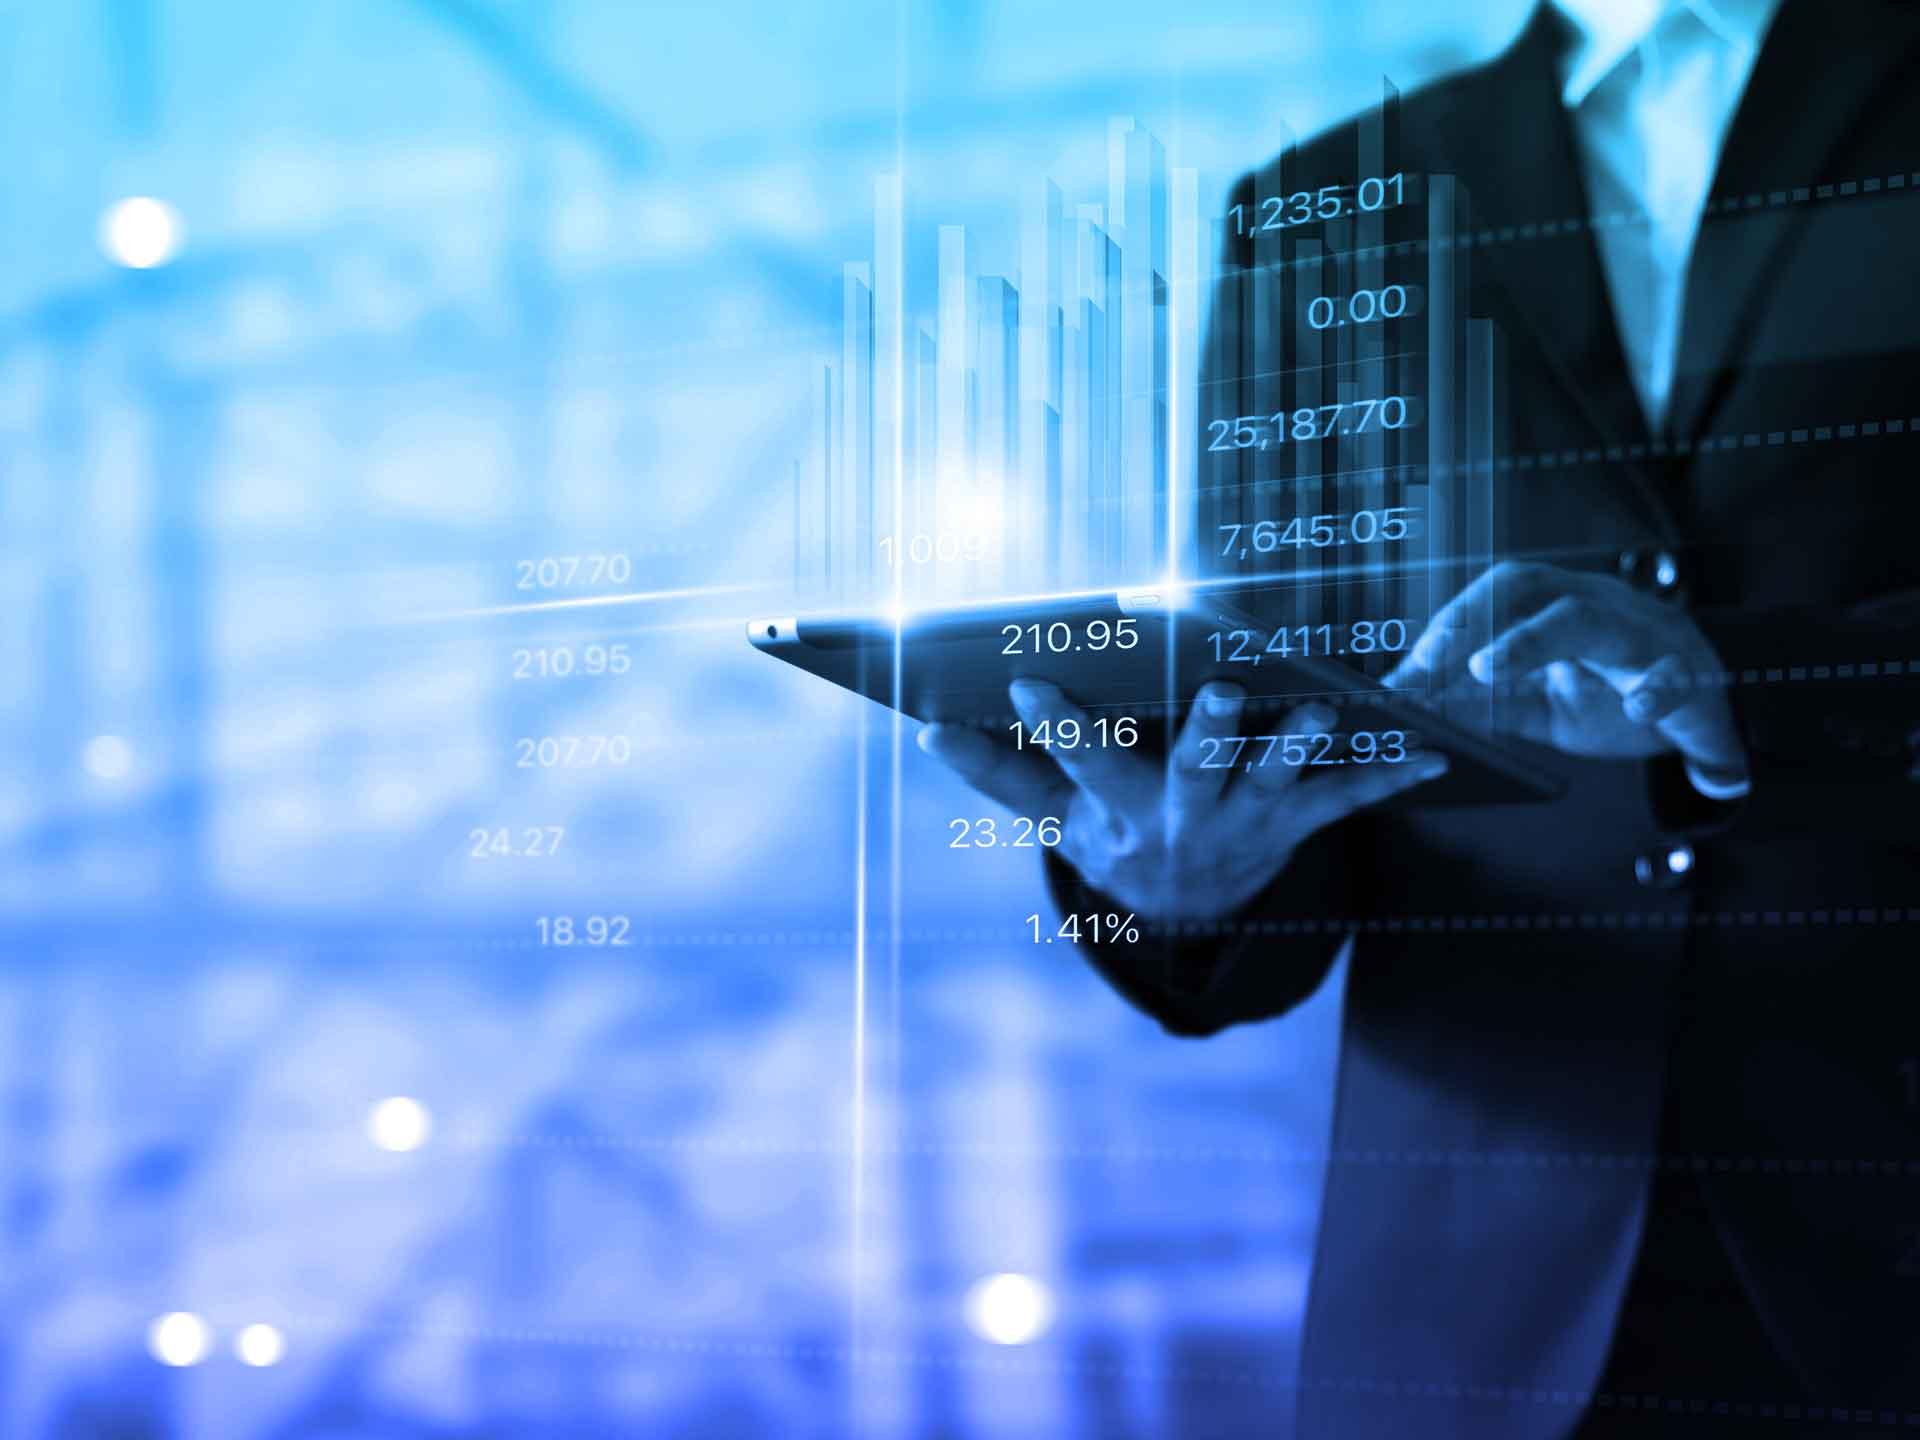 Microsoft Dynamics 365 bietet Ihrem Unternehmen Funktionen, die Ihre Wachstumsstrategie vorantreiben.